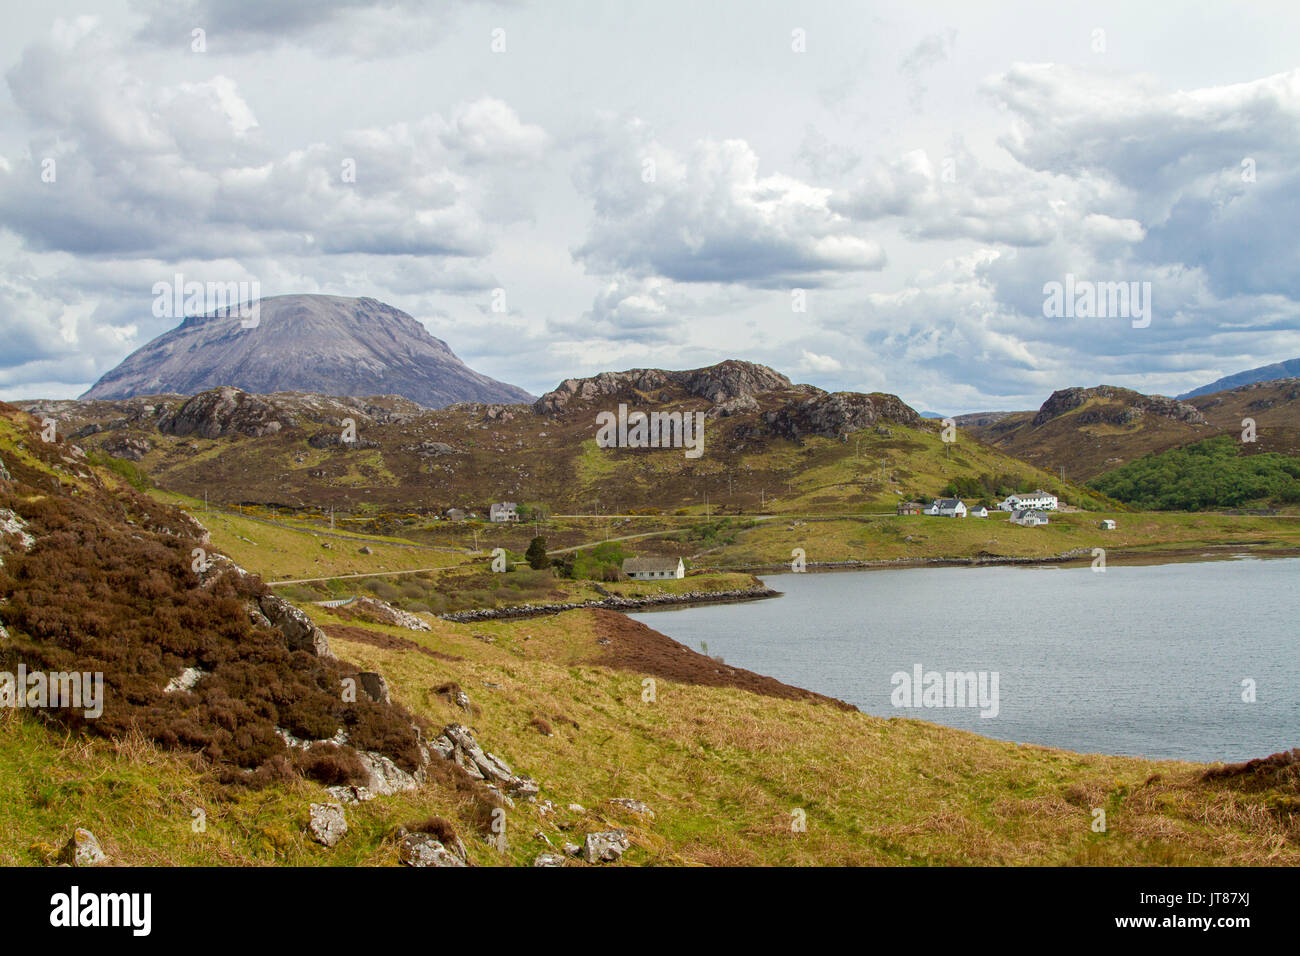 Strada stretta snacking attraverso highlands scozzesi paesaggio, passato crofters cottage con vista del Loch Inchard Foto Stock